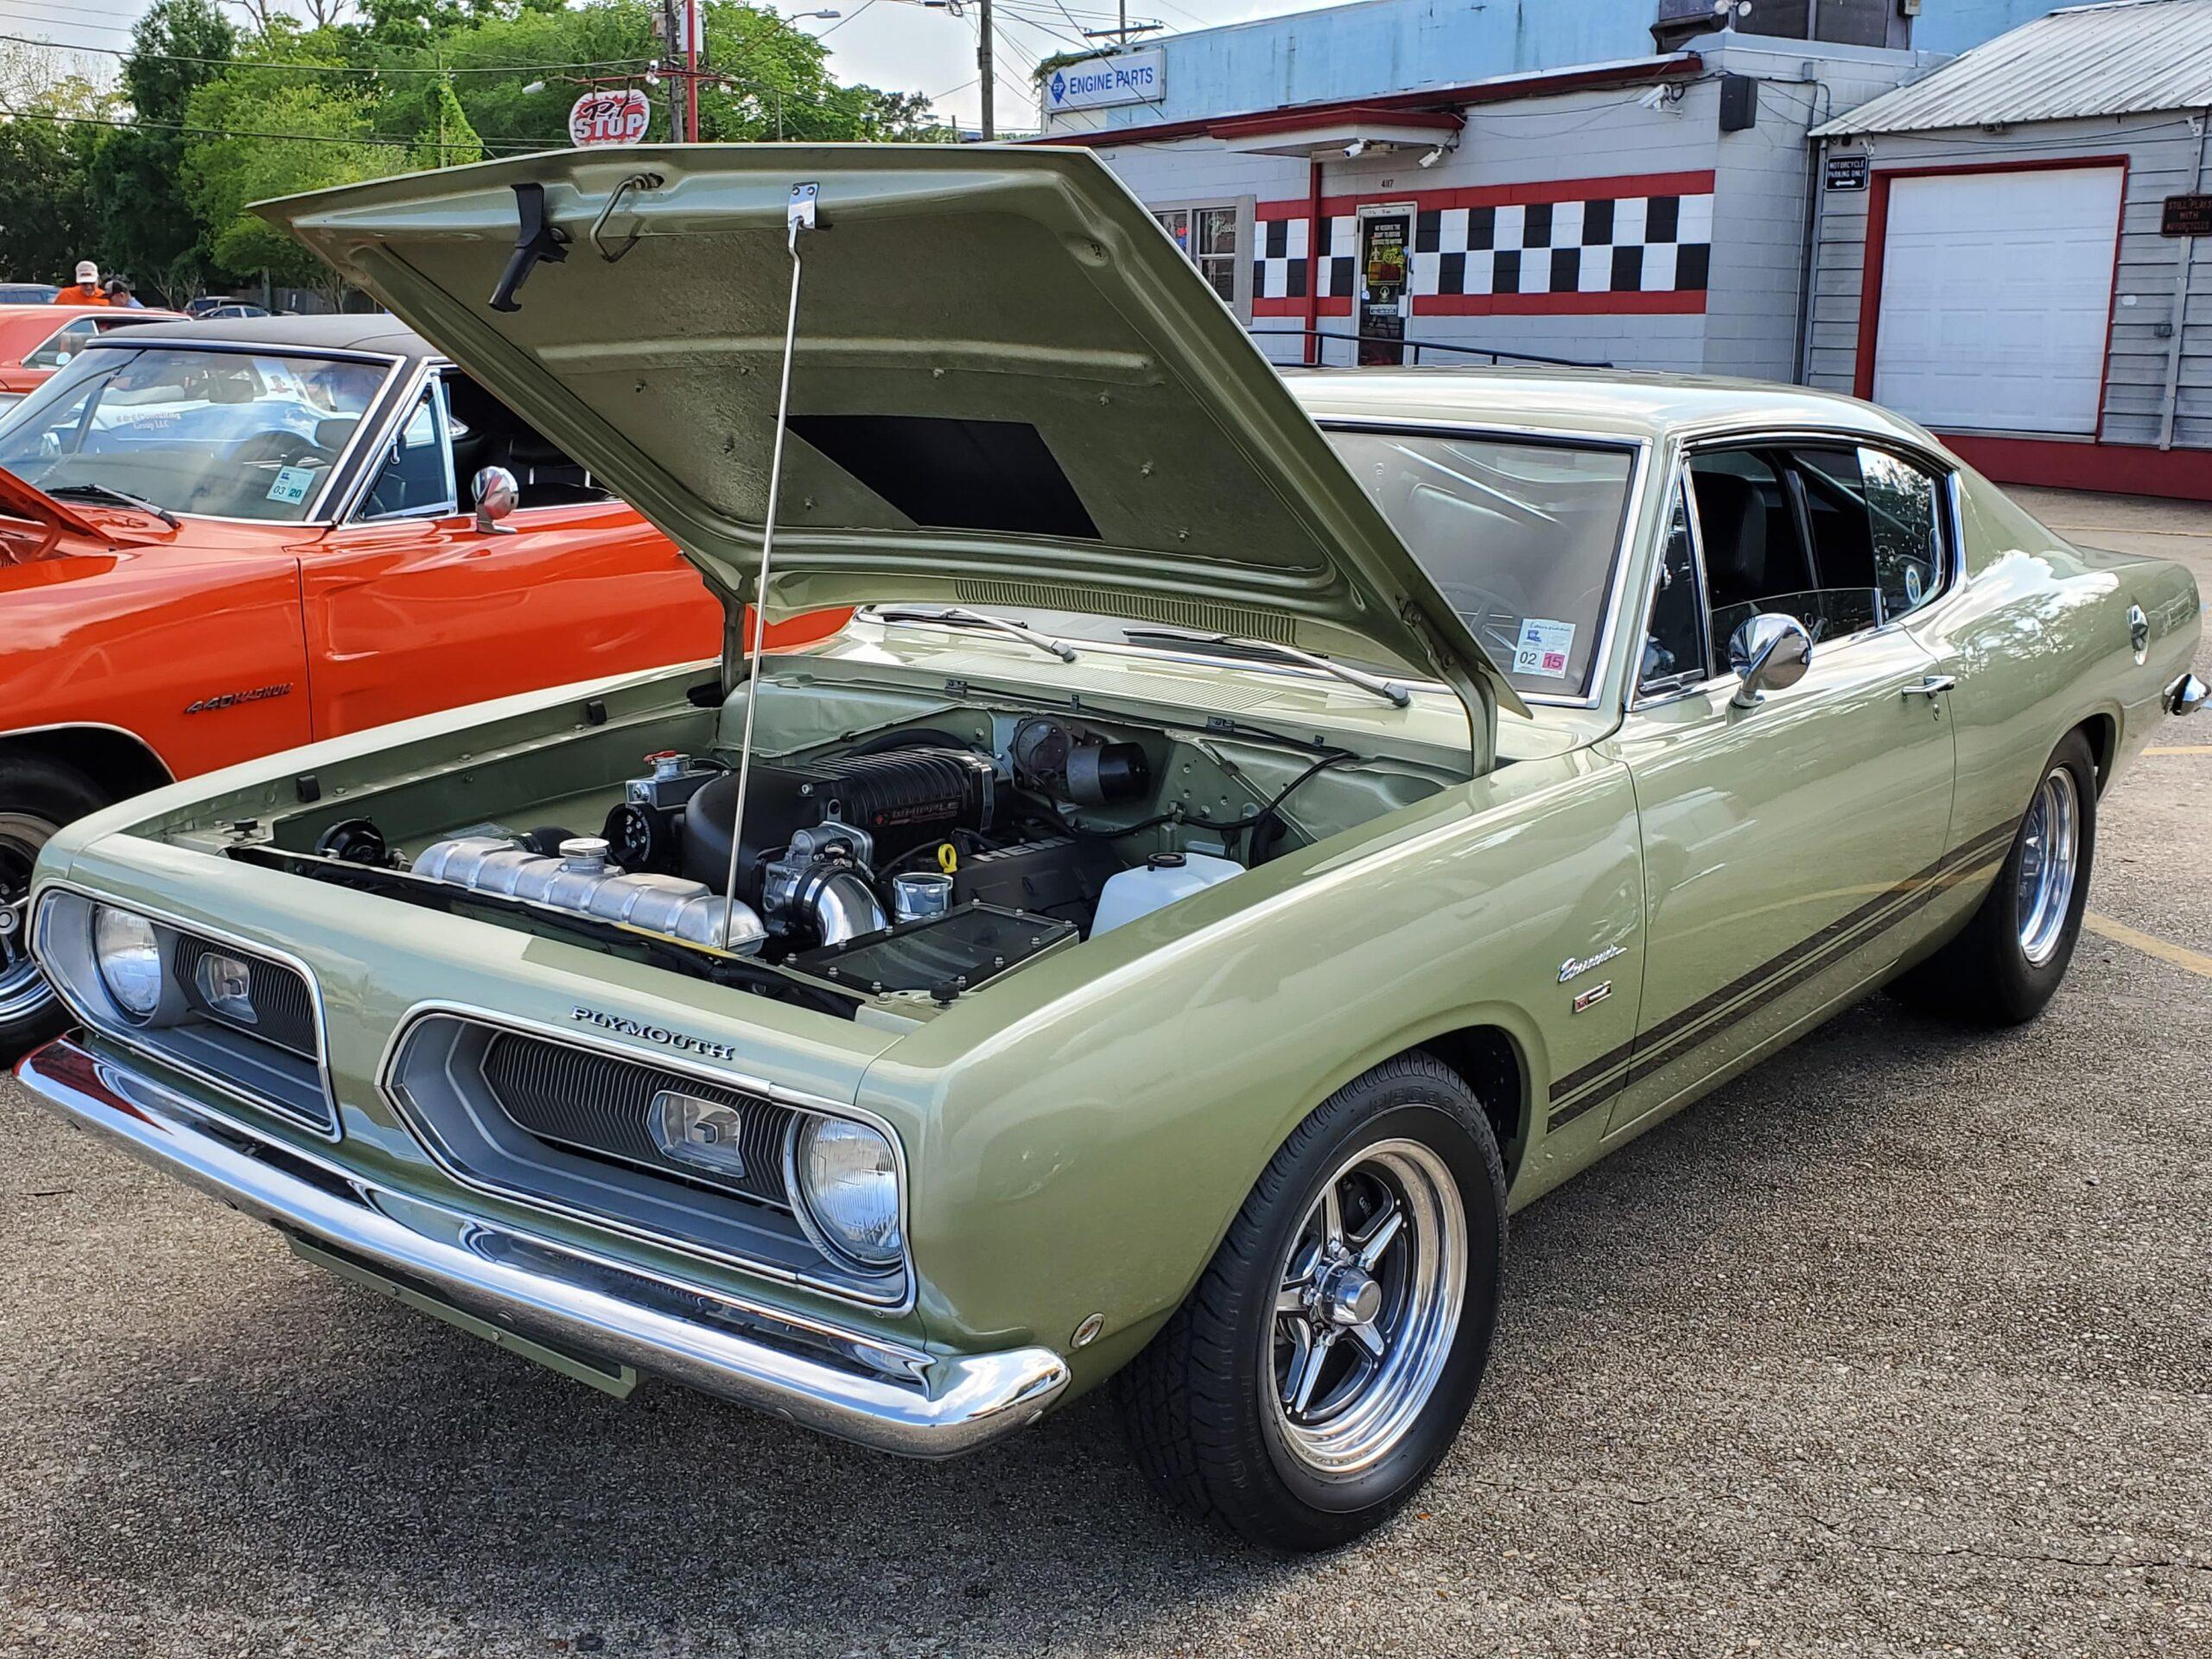 Bryan Flach - Jefferson - 1968 Plymouth Barracuda